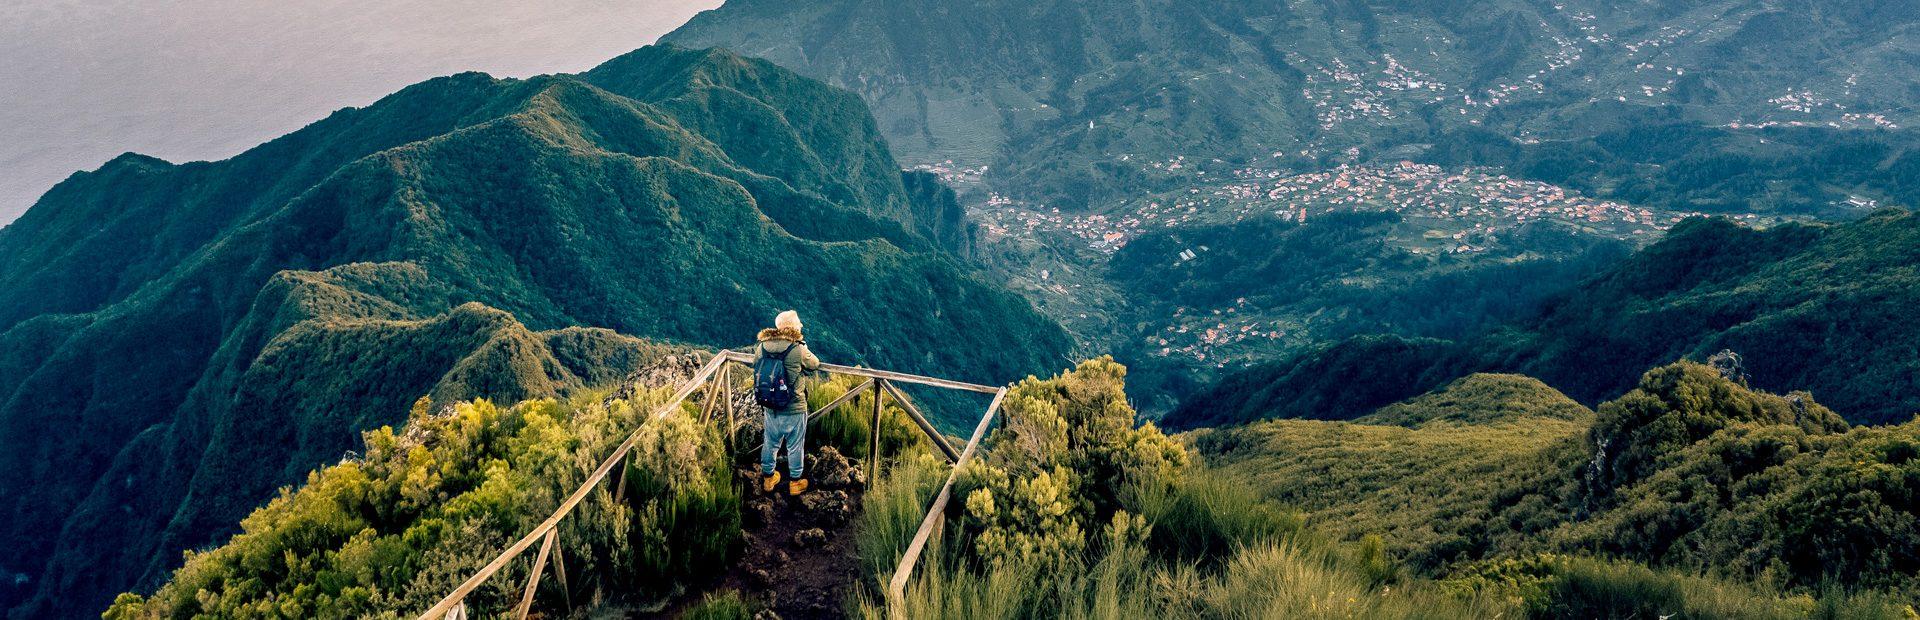 Madeira Urlaub mit Wanderungen auf der Blumeninsel